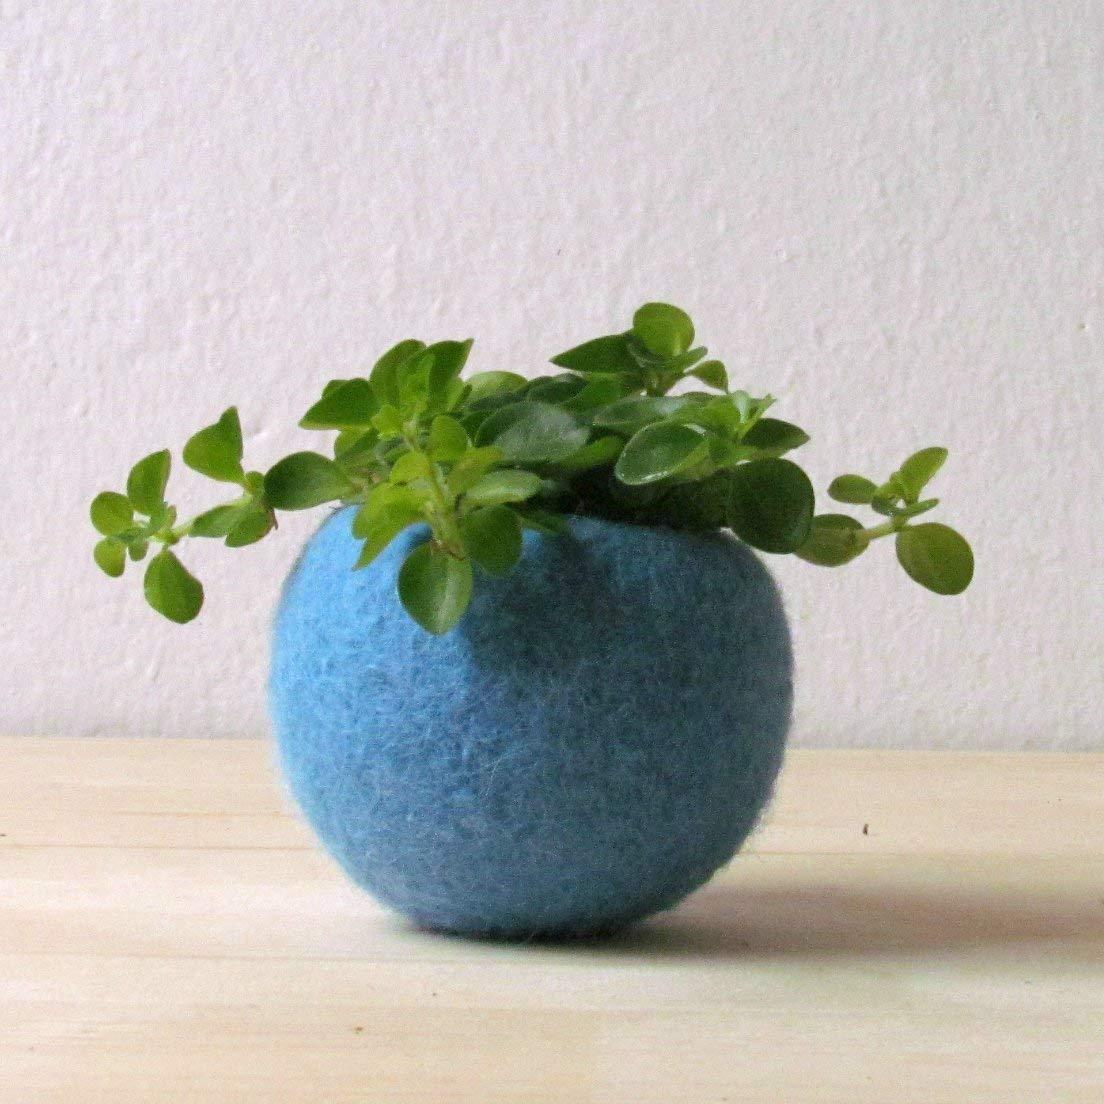 Turquoise planter/Succulent planter/air plant holder/cactus pot/plant vase/modern decor/spring decor